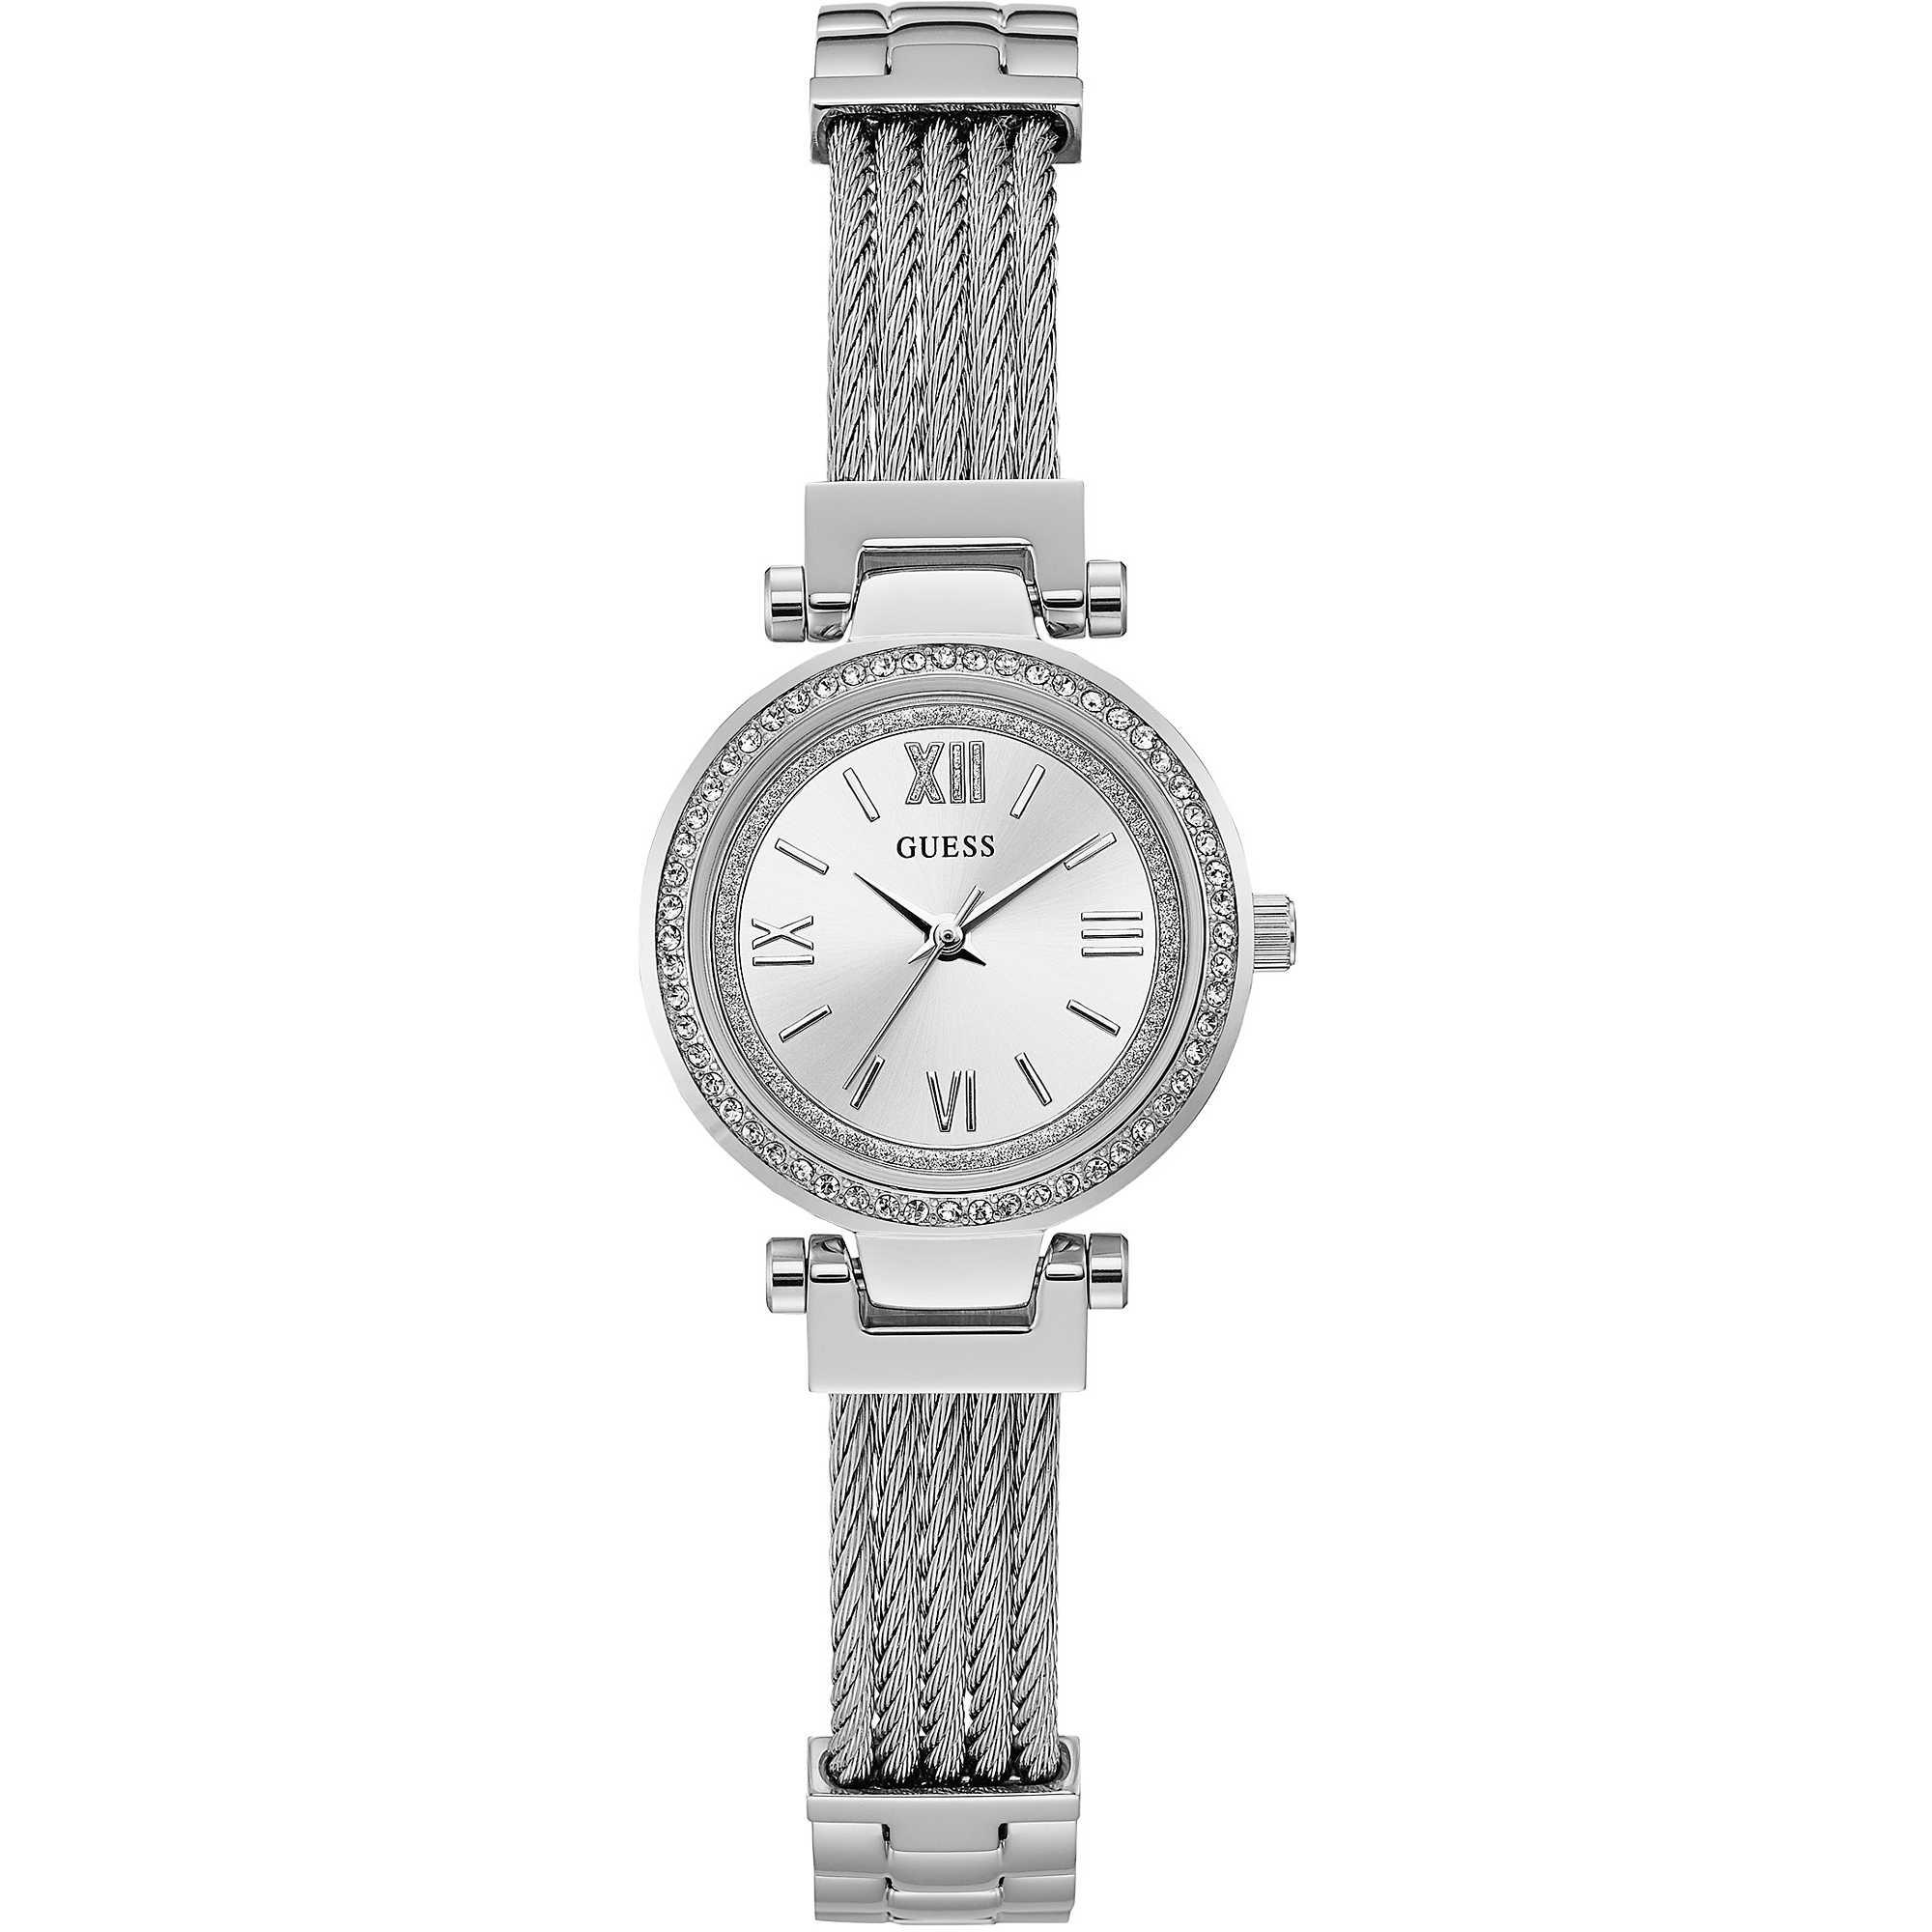 Orologio Guess da Donna silver con zirconi W1009L1